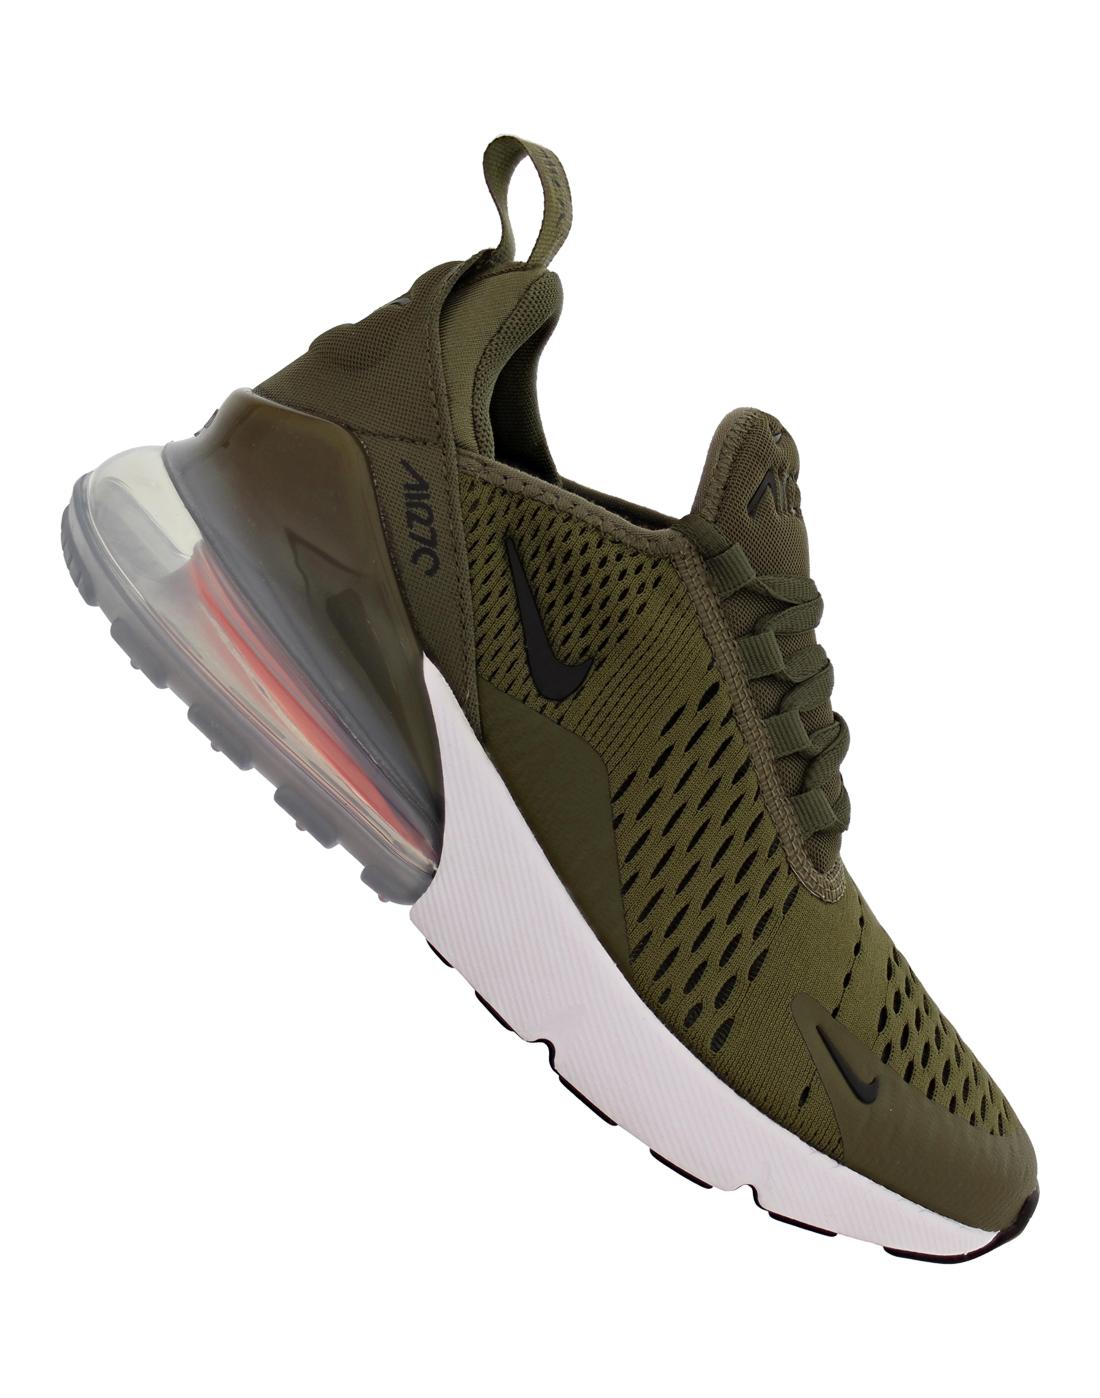 d8b7a9565628 Kids Nike Air Max 270 Trainers